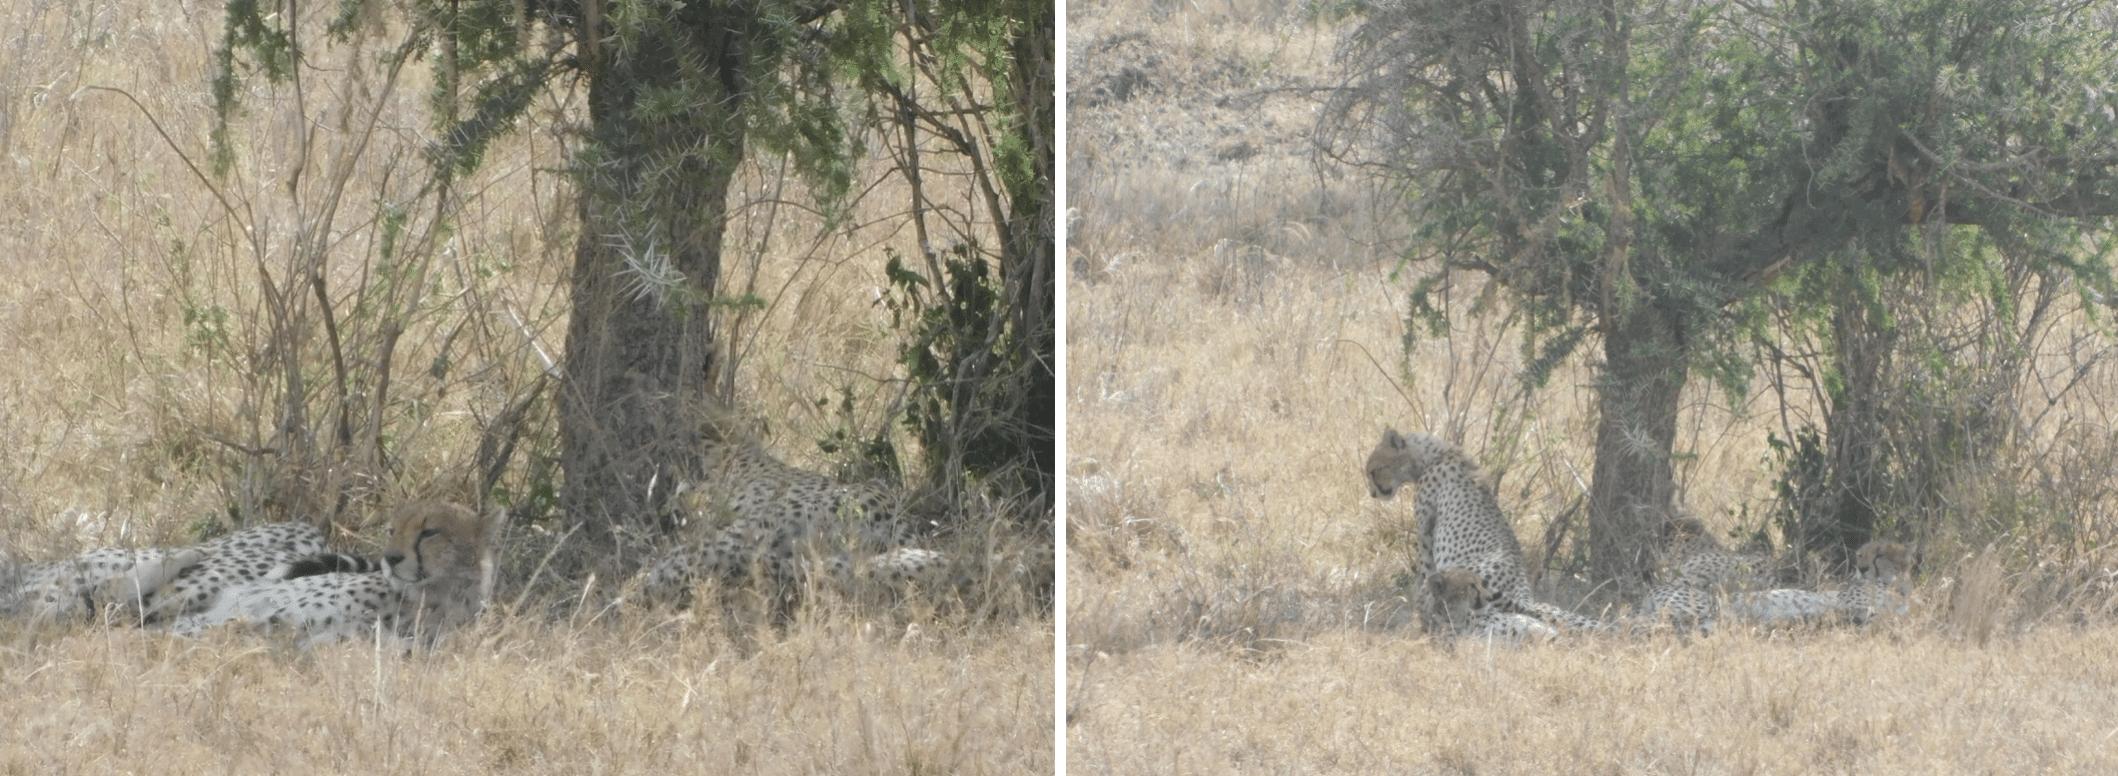 des guepards dans le parc du serengeti